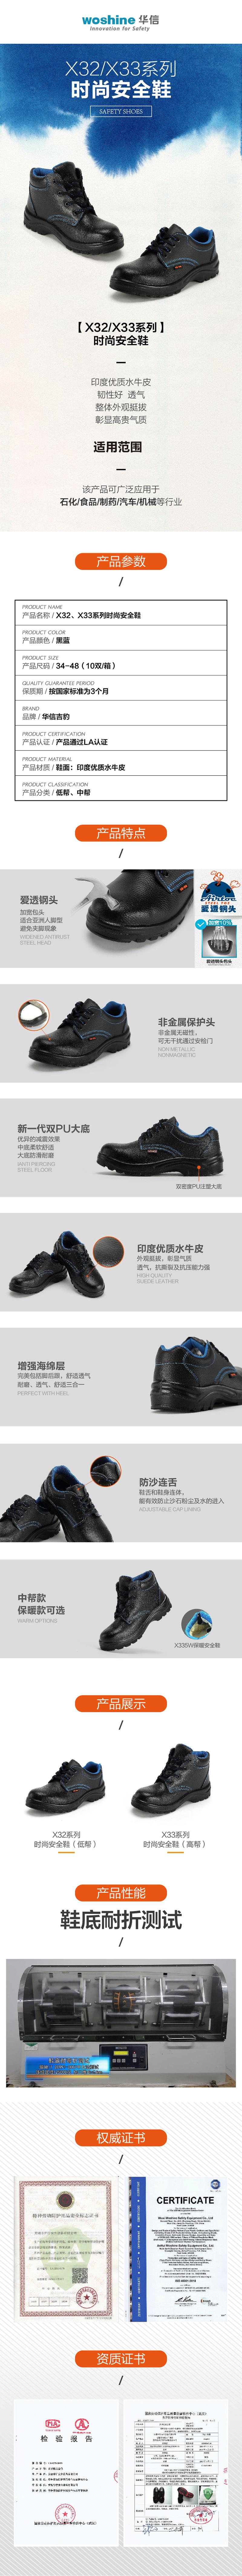 X32X33安全鞋